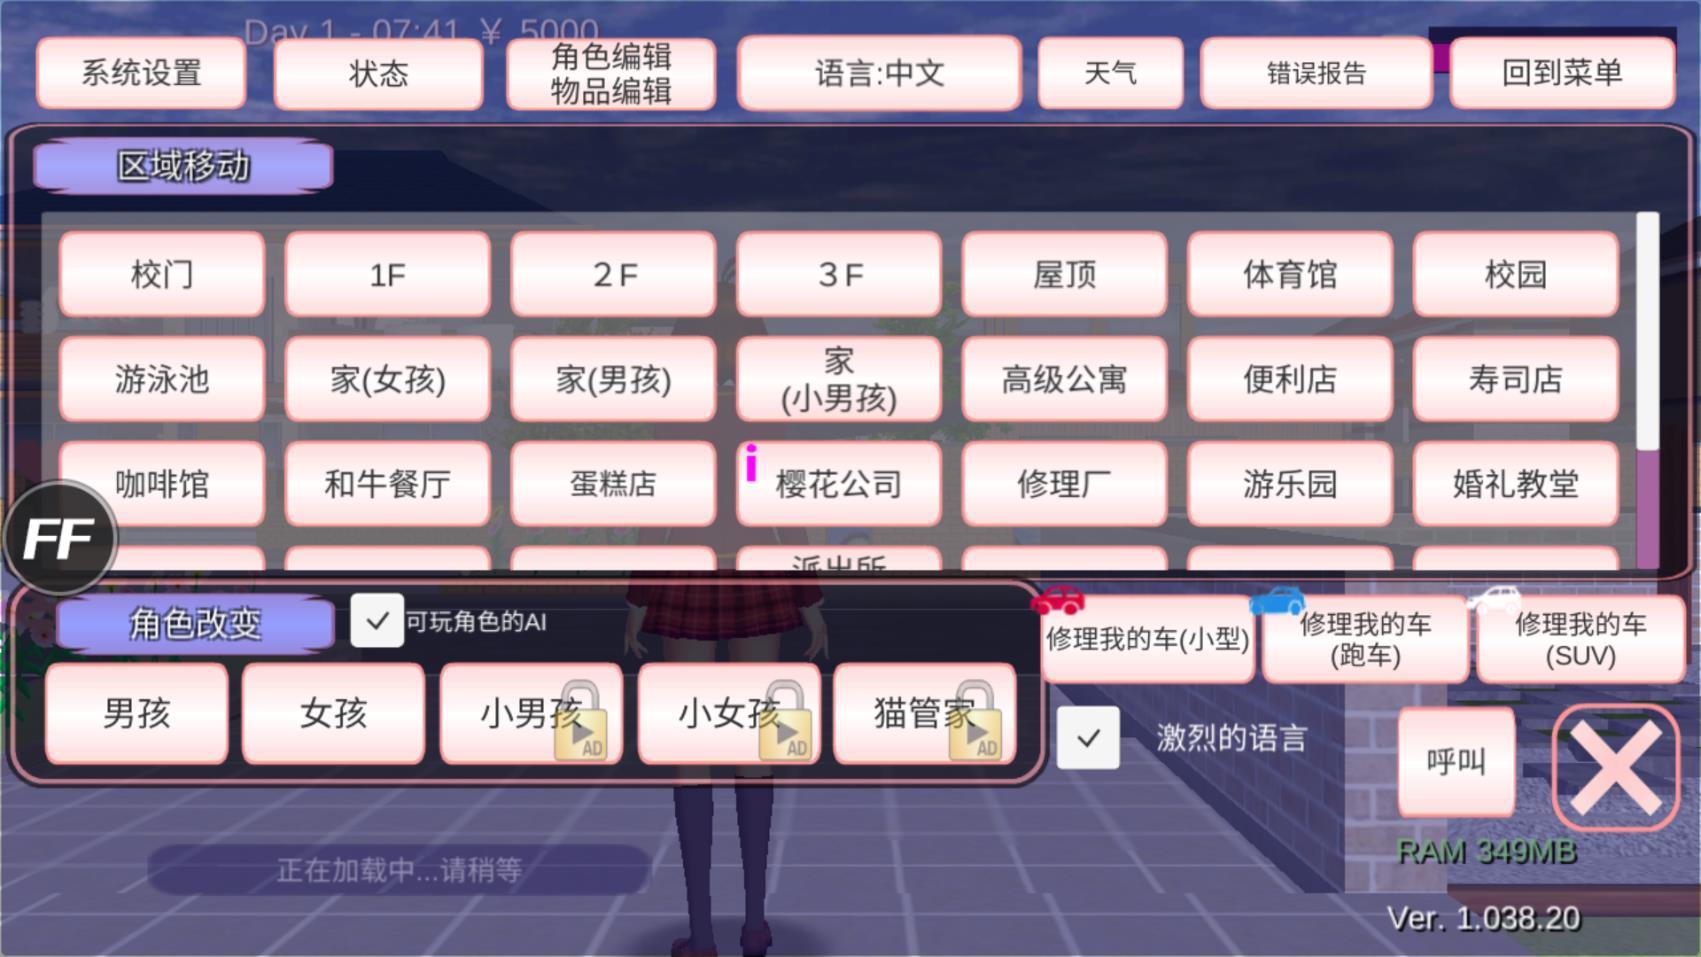 樱花盒子1.038.20最新版(1)